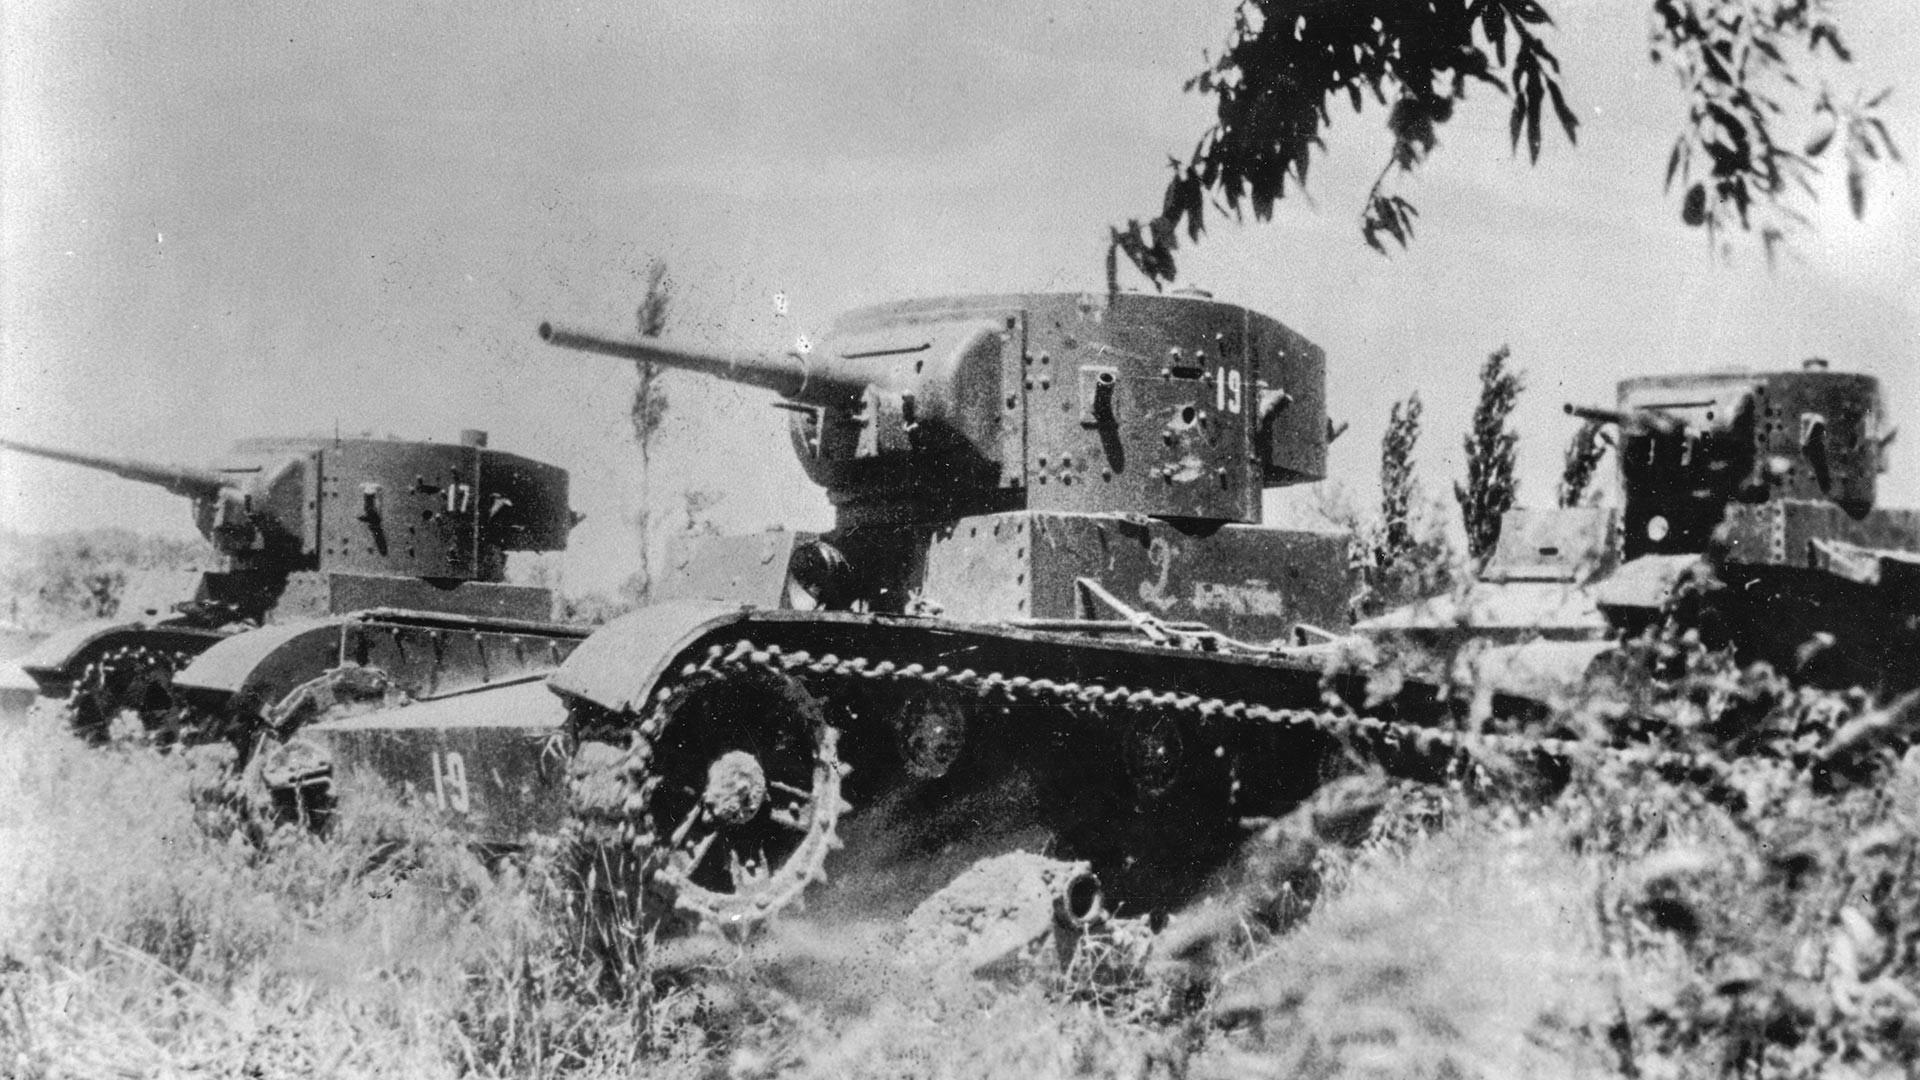 スペイン内戦の戦場を走る3両のソ連製T-26戦車